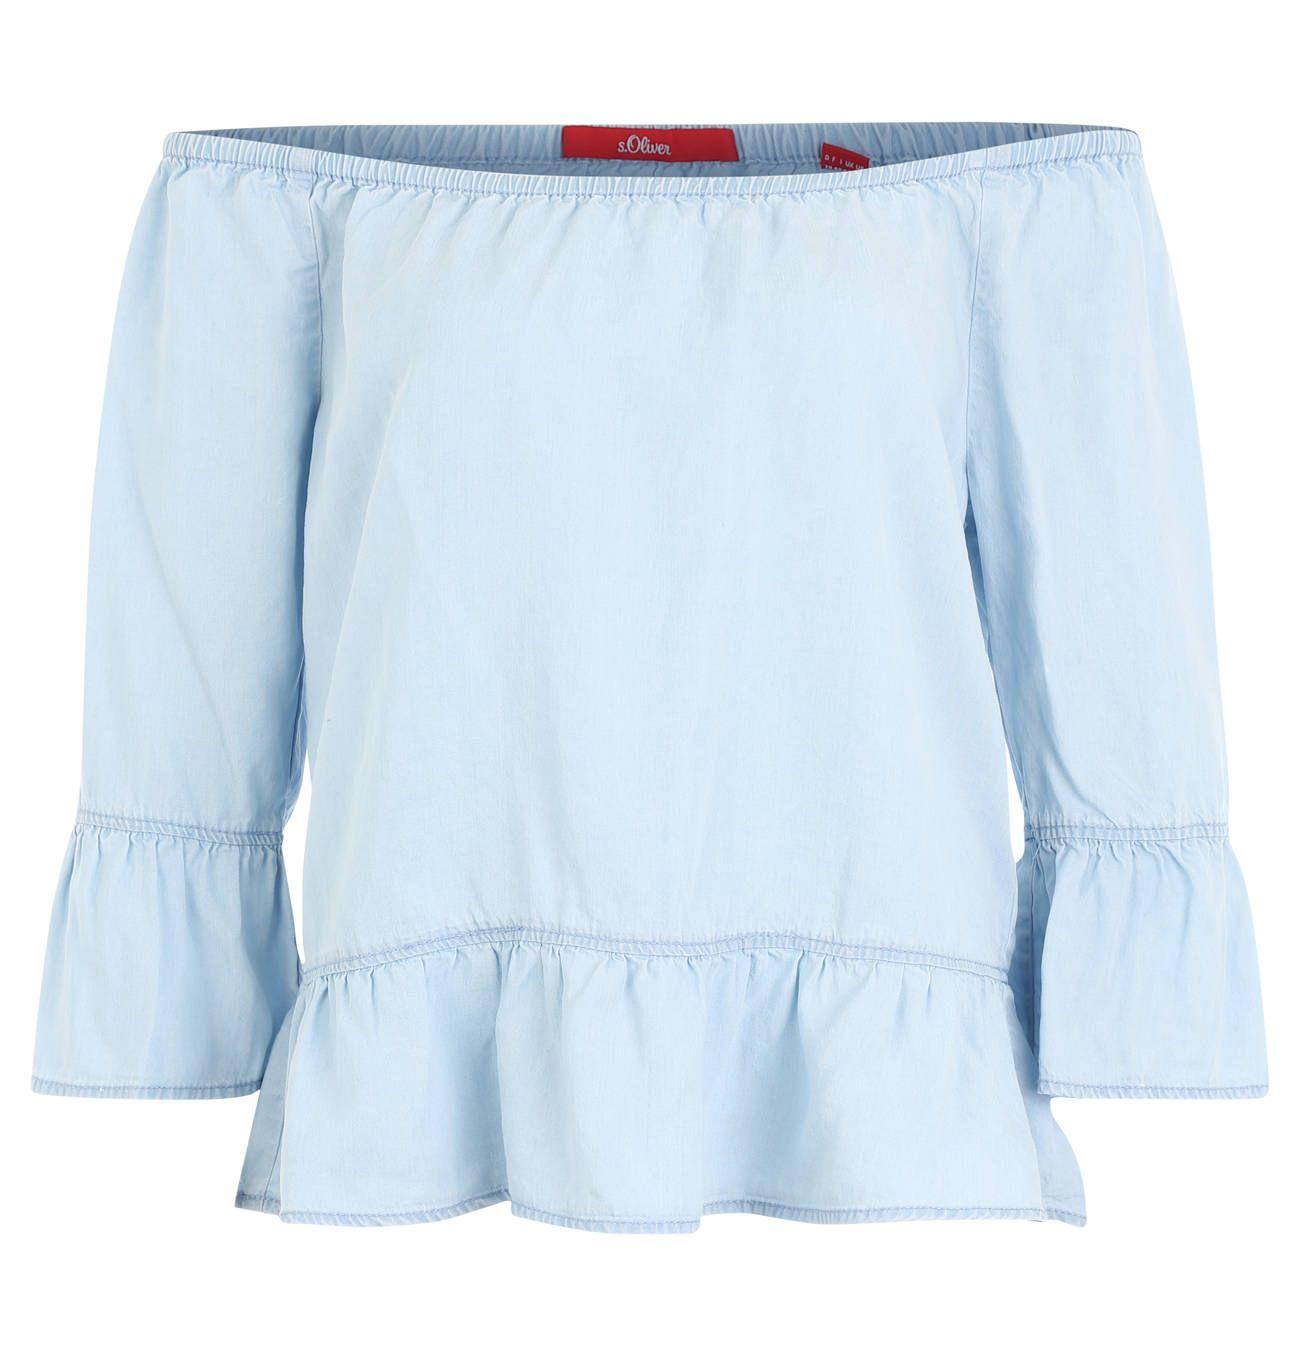 ac85436c3de7 Jeans, jeans, jeans und noch mehr jeans heißt es diesen Sommer. Diese  schicke Bluse von s.Oliver lässt sich super kombinieren